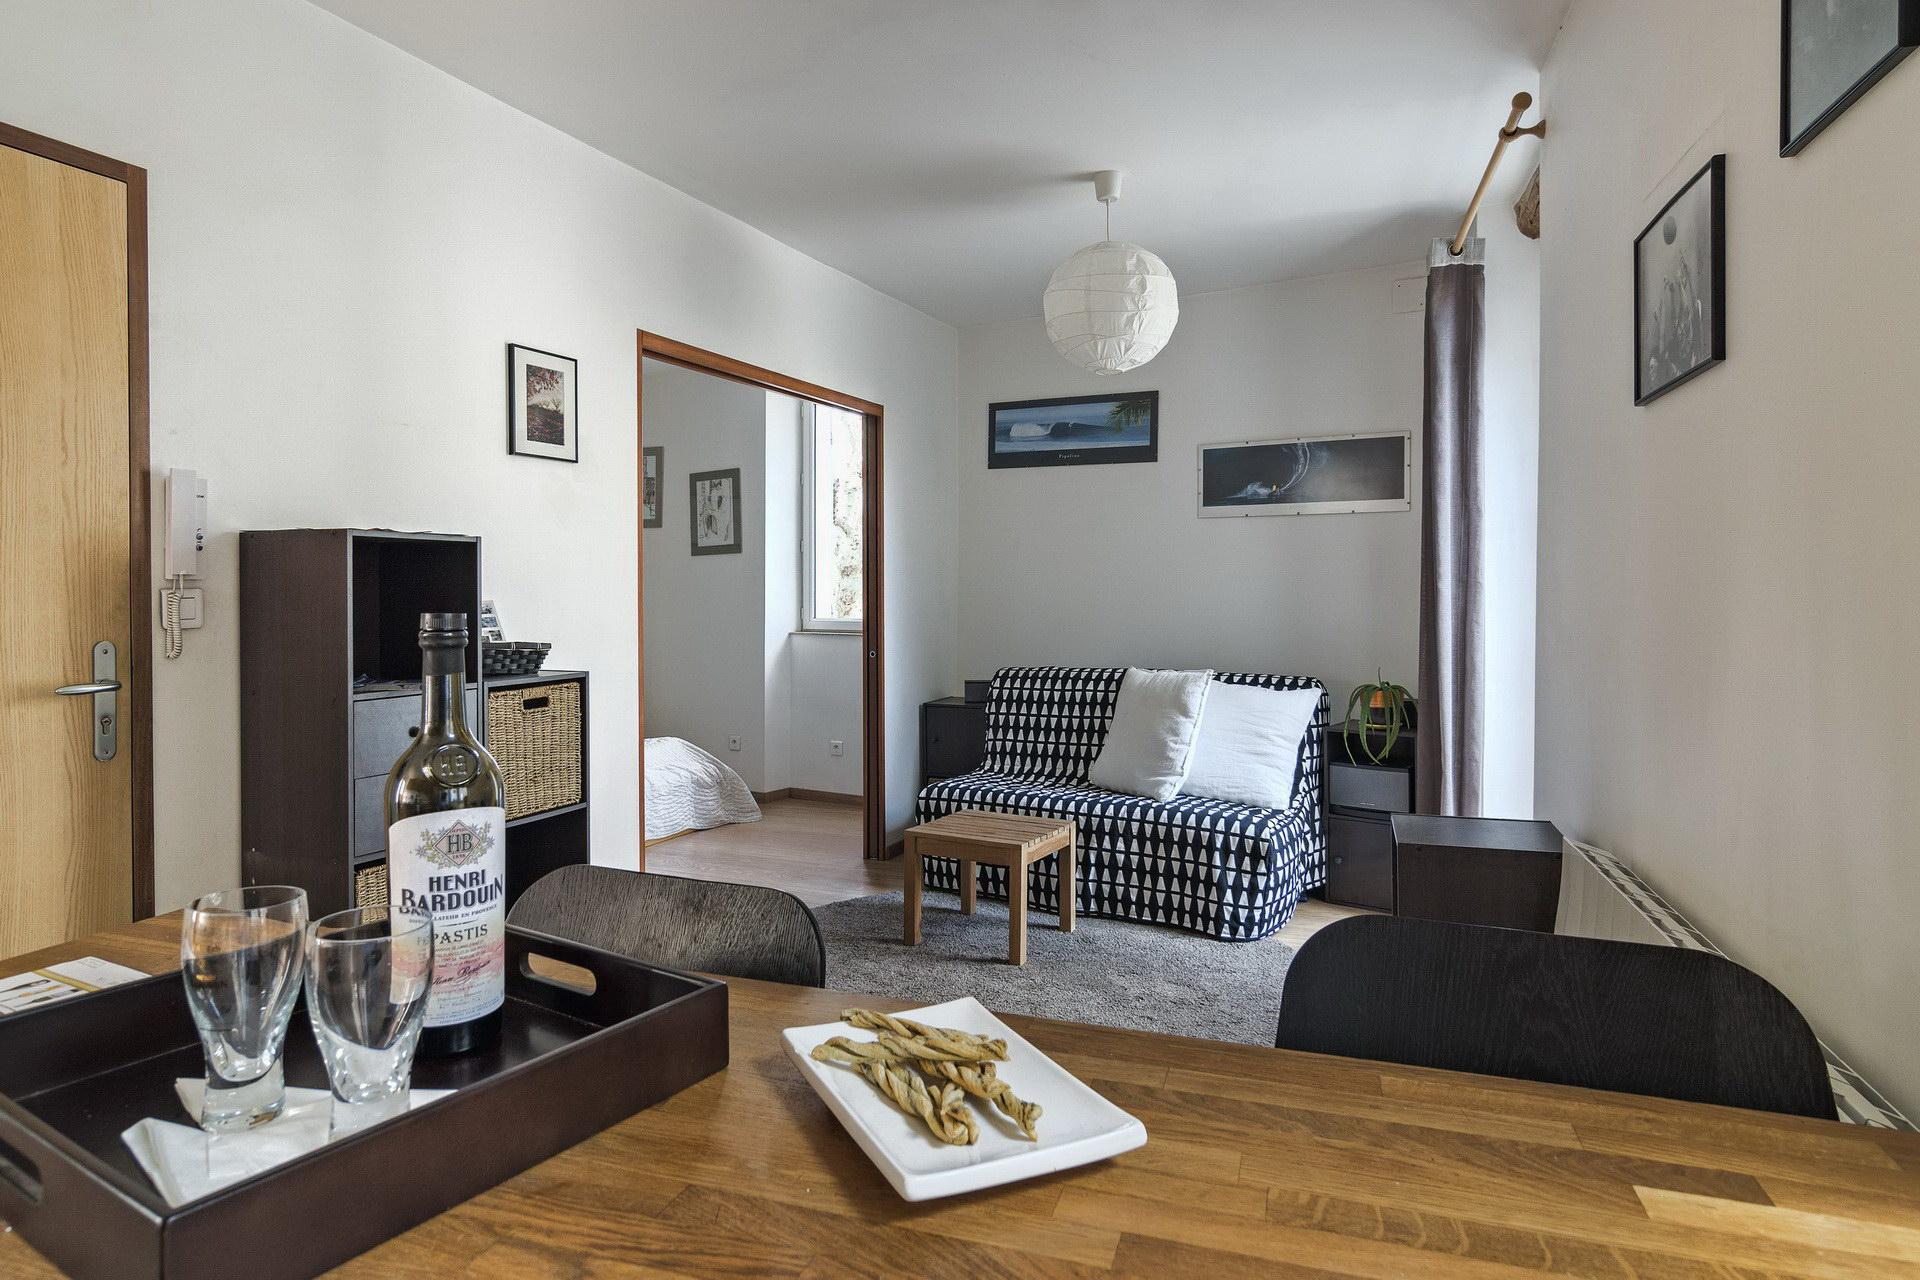 appartement de charme en location à Forcalquier 2 personnes grande pièce à vivre